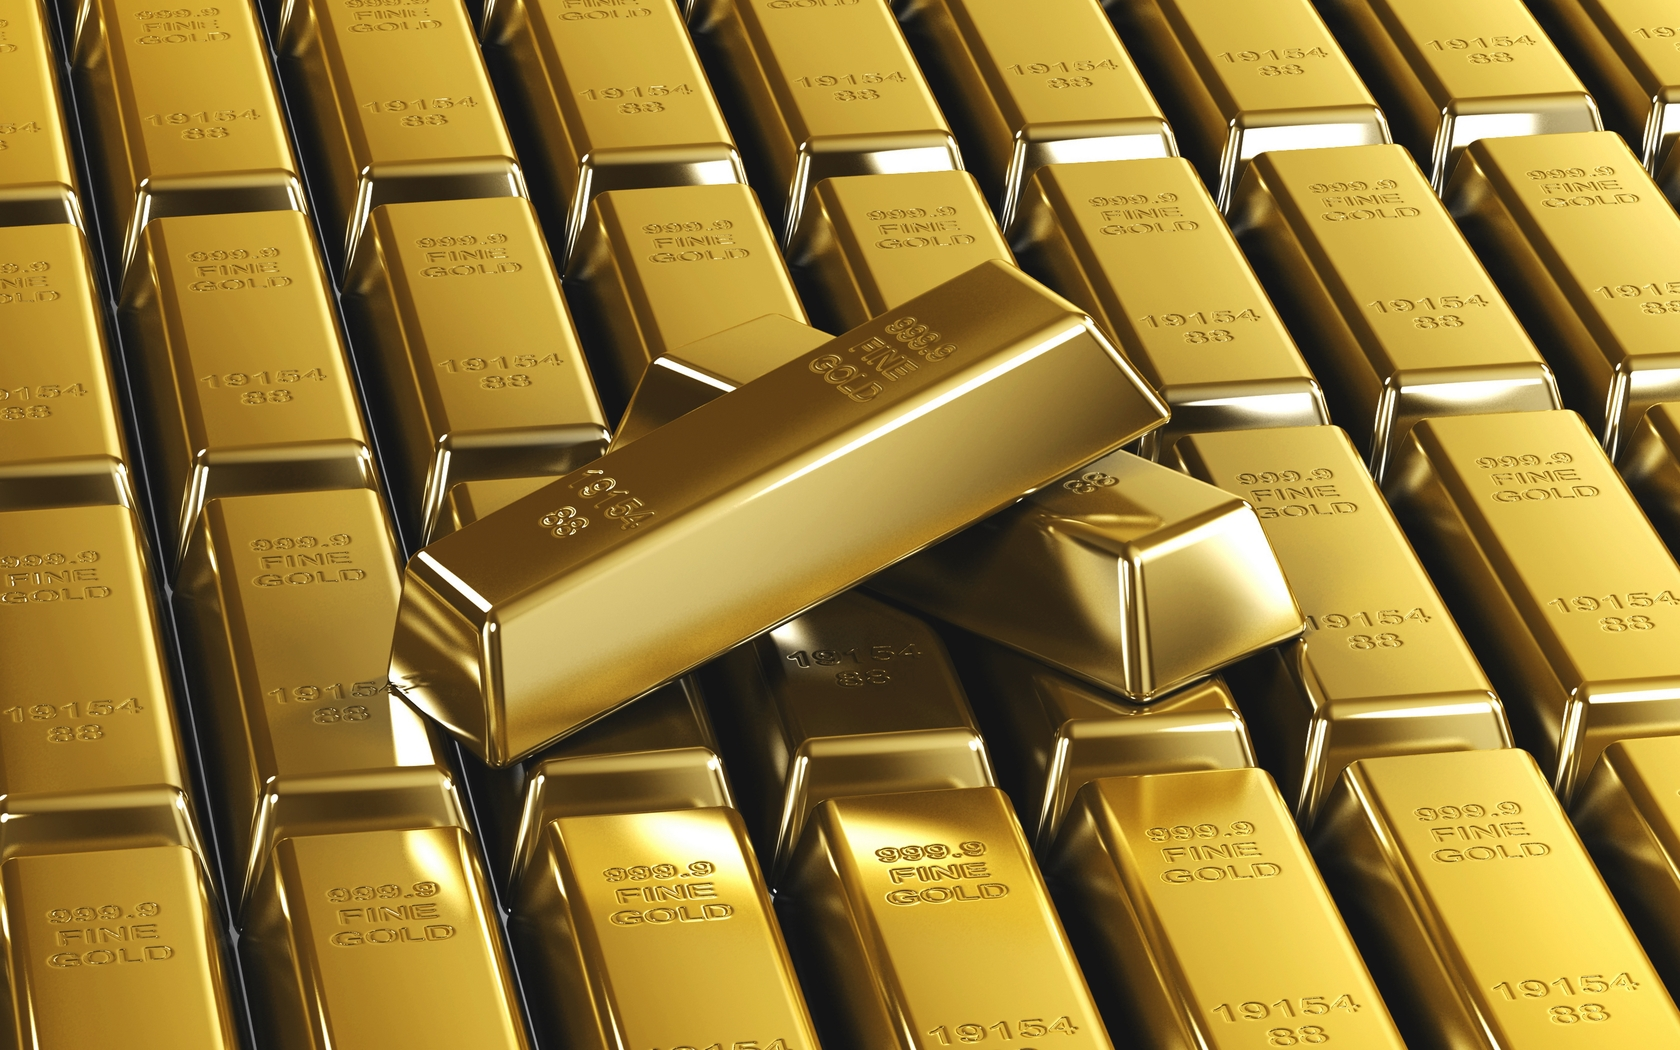 180107-gold-bars-vang